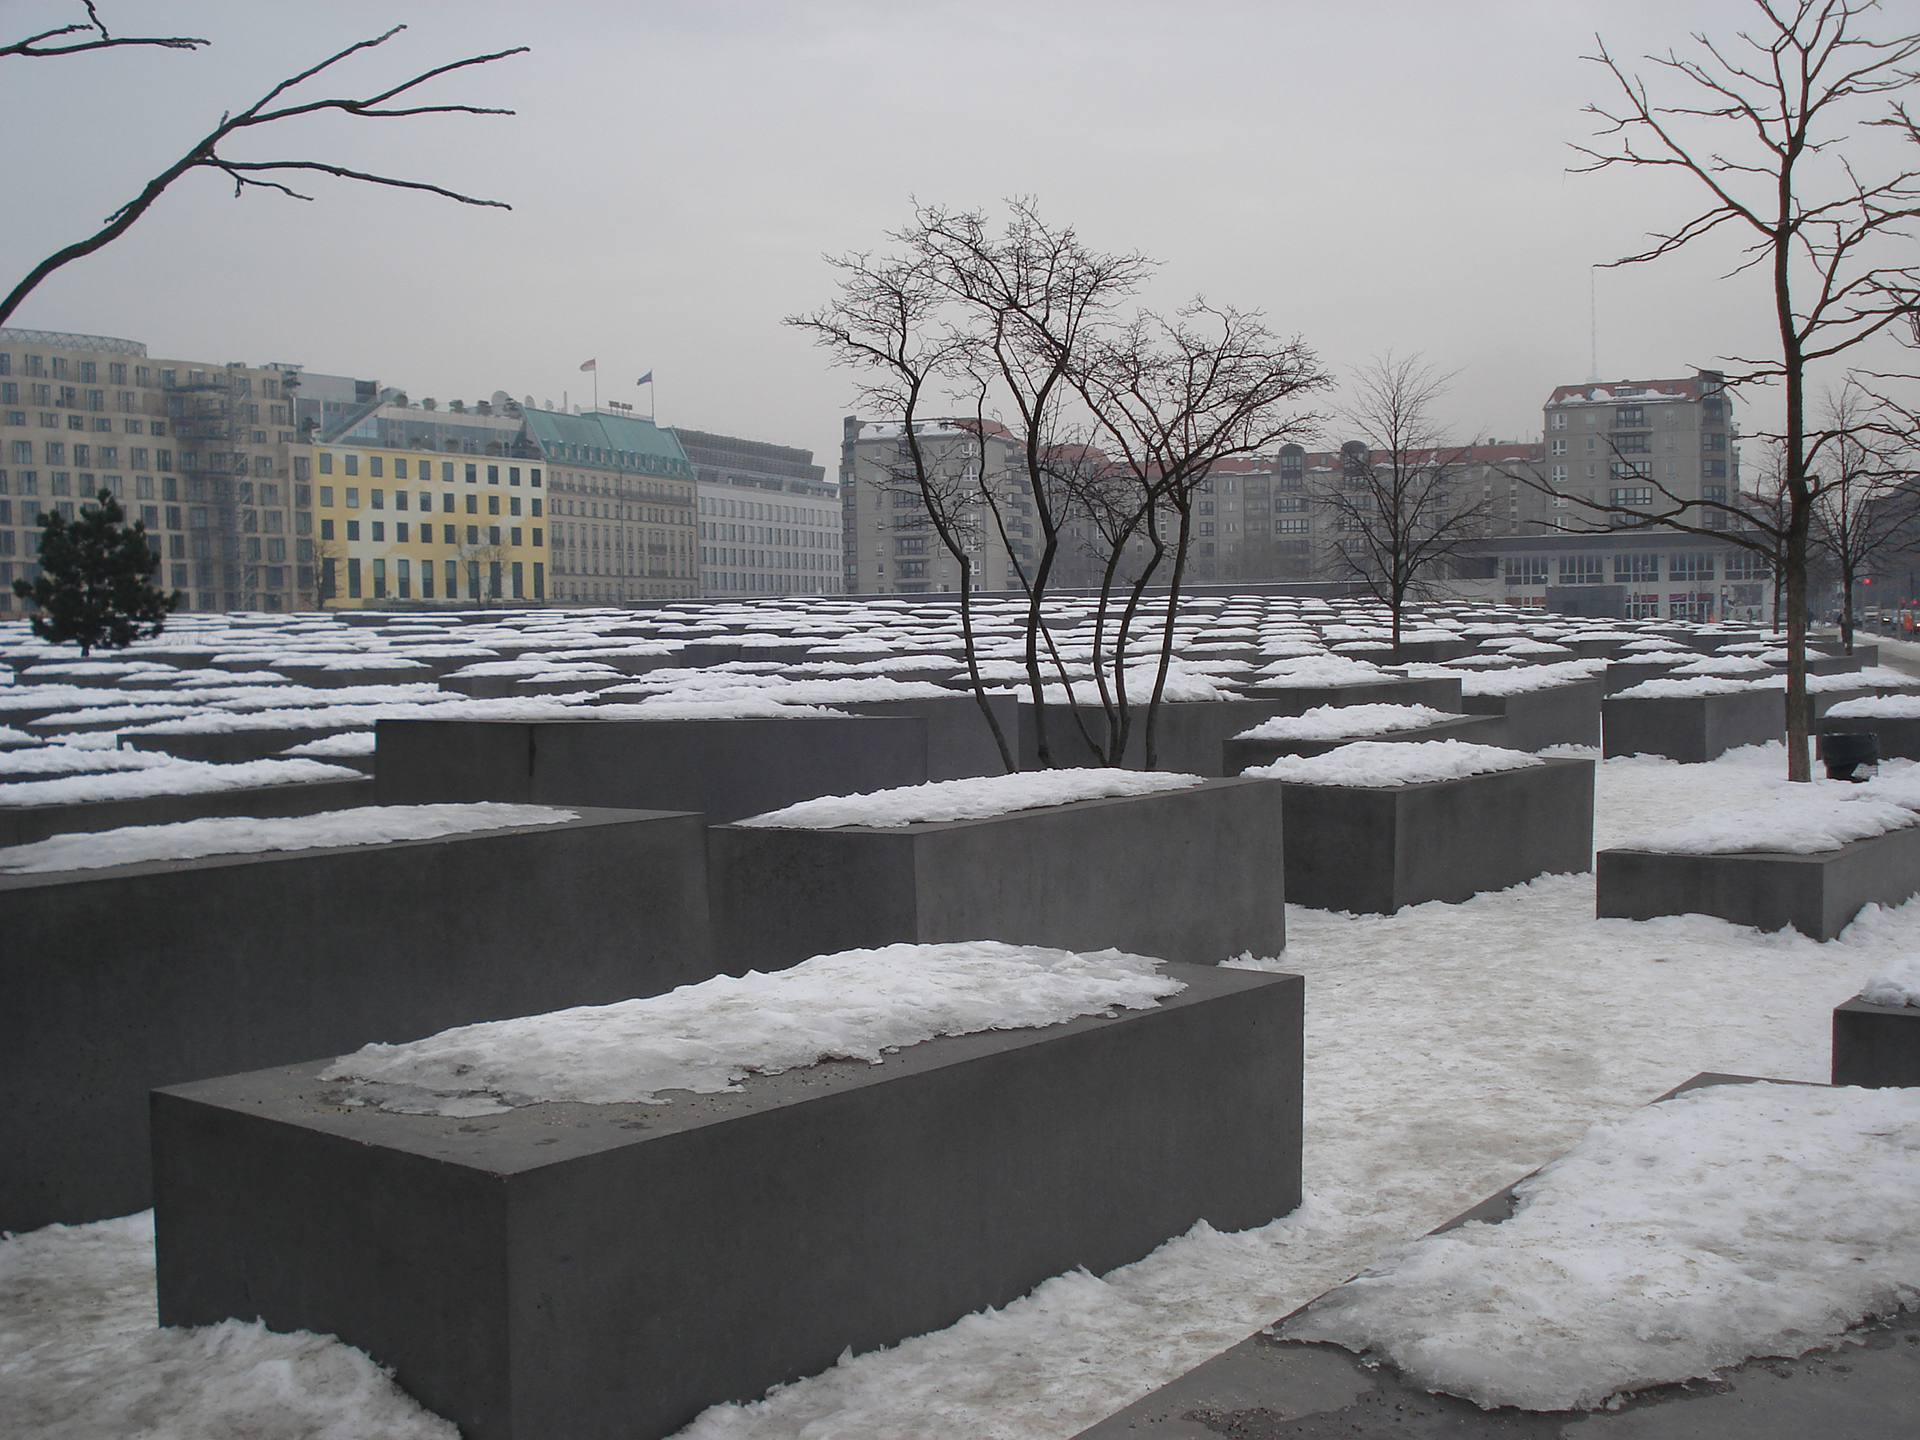 El Memorial del Holocausto se inauguró en 2005. Diseñado por el arquitecto neoyorquino Peter Eisenman, tiene 2.711 columnas de concreto de diferentes alturas